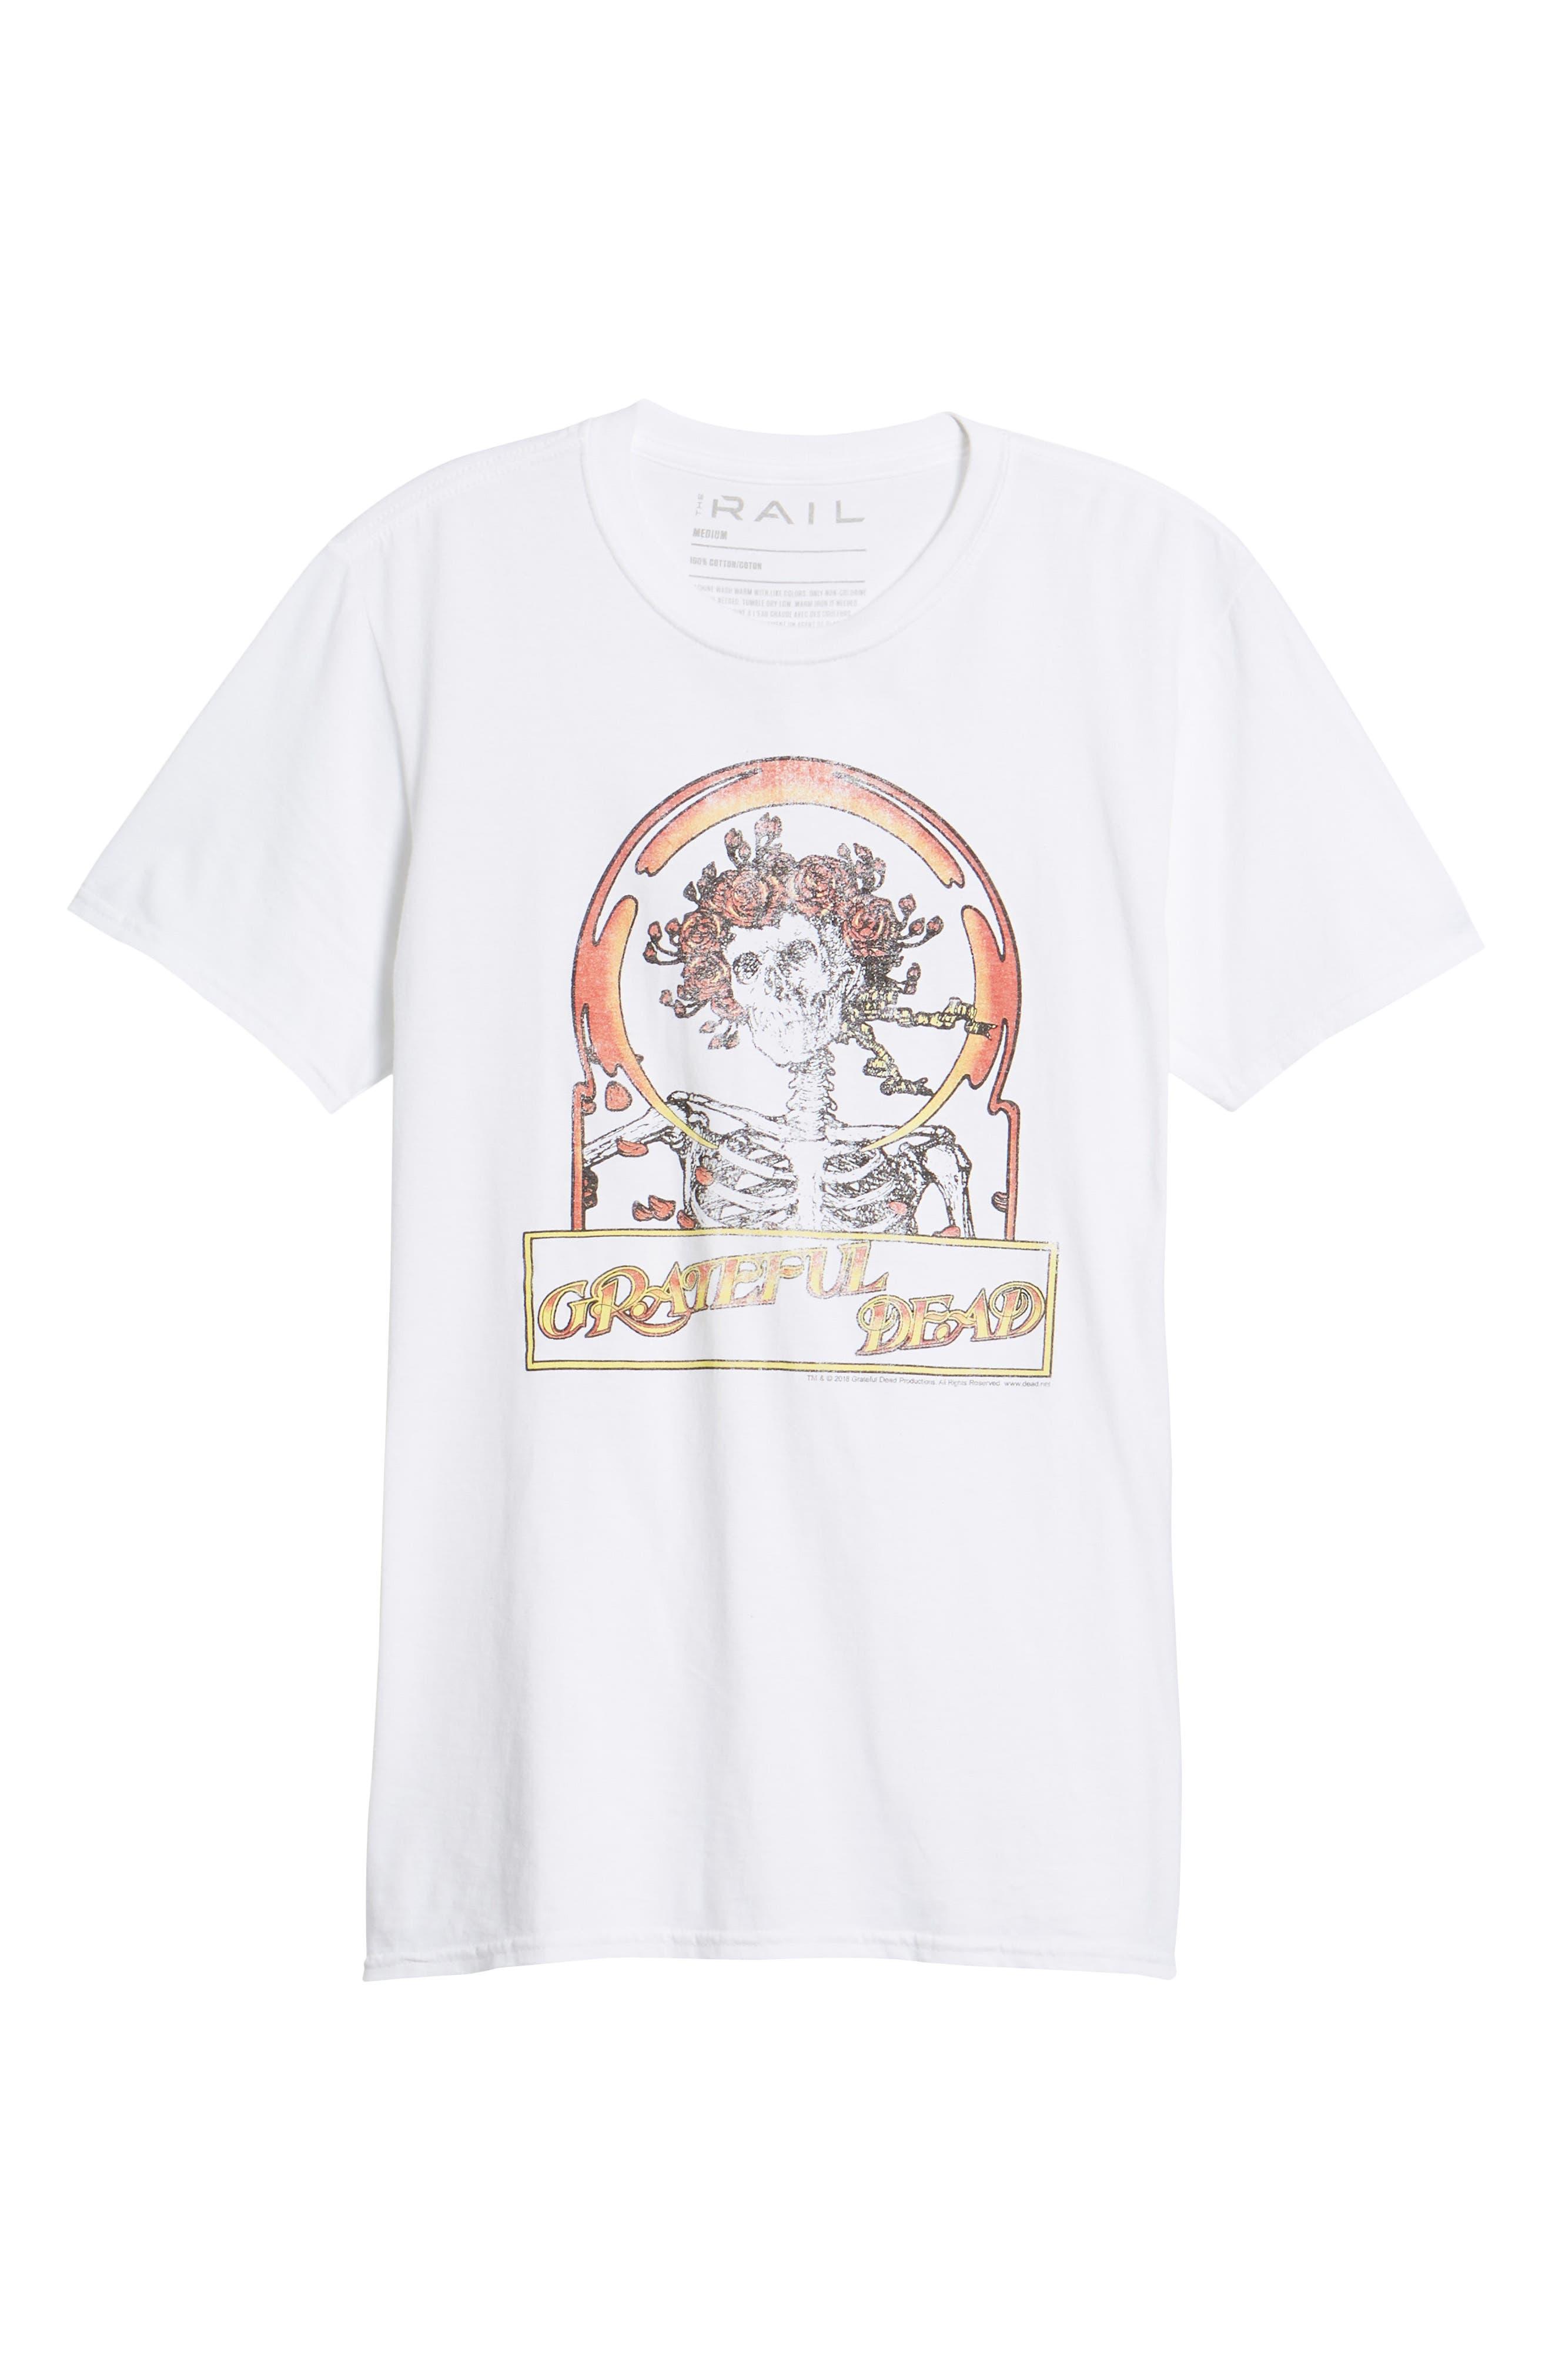 Grateful Dead T-Shirt,                             Alternate thumbnail 6, color,                             White Grateful Dead